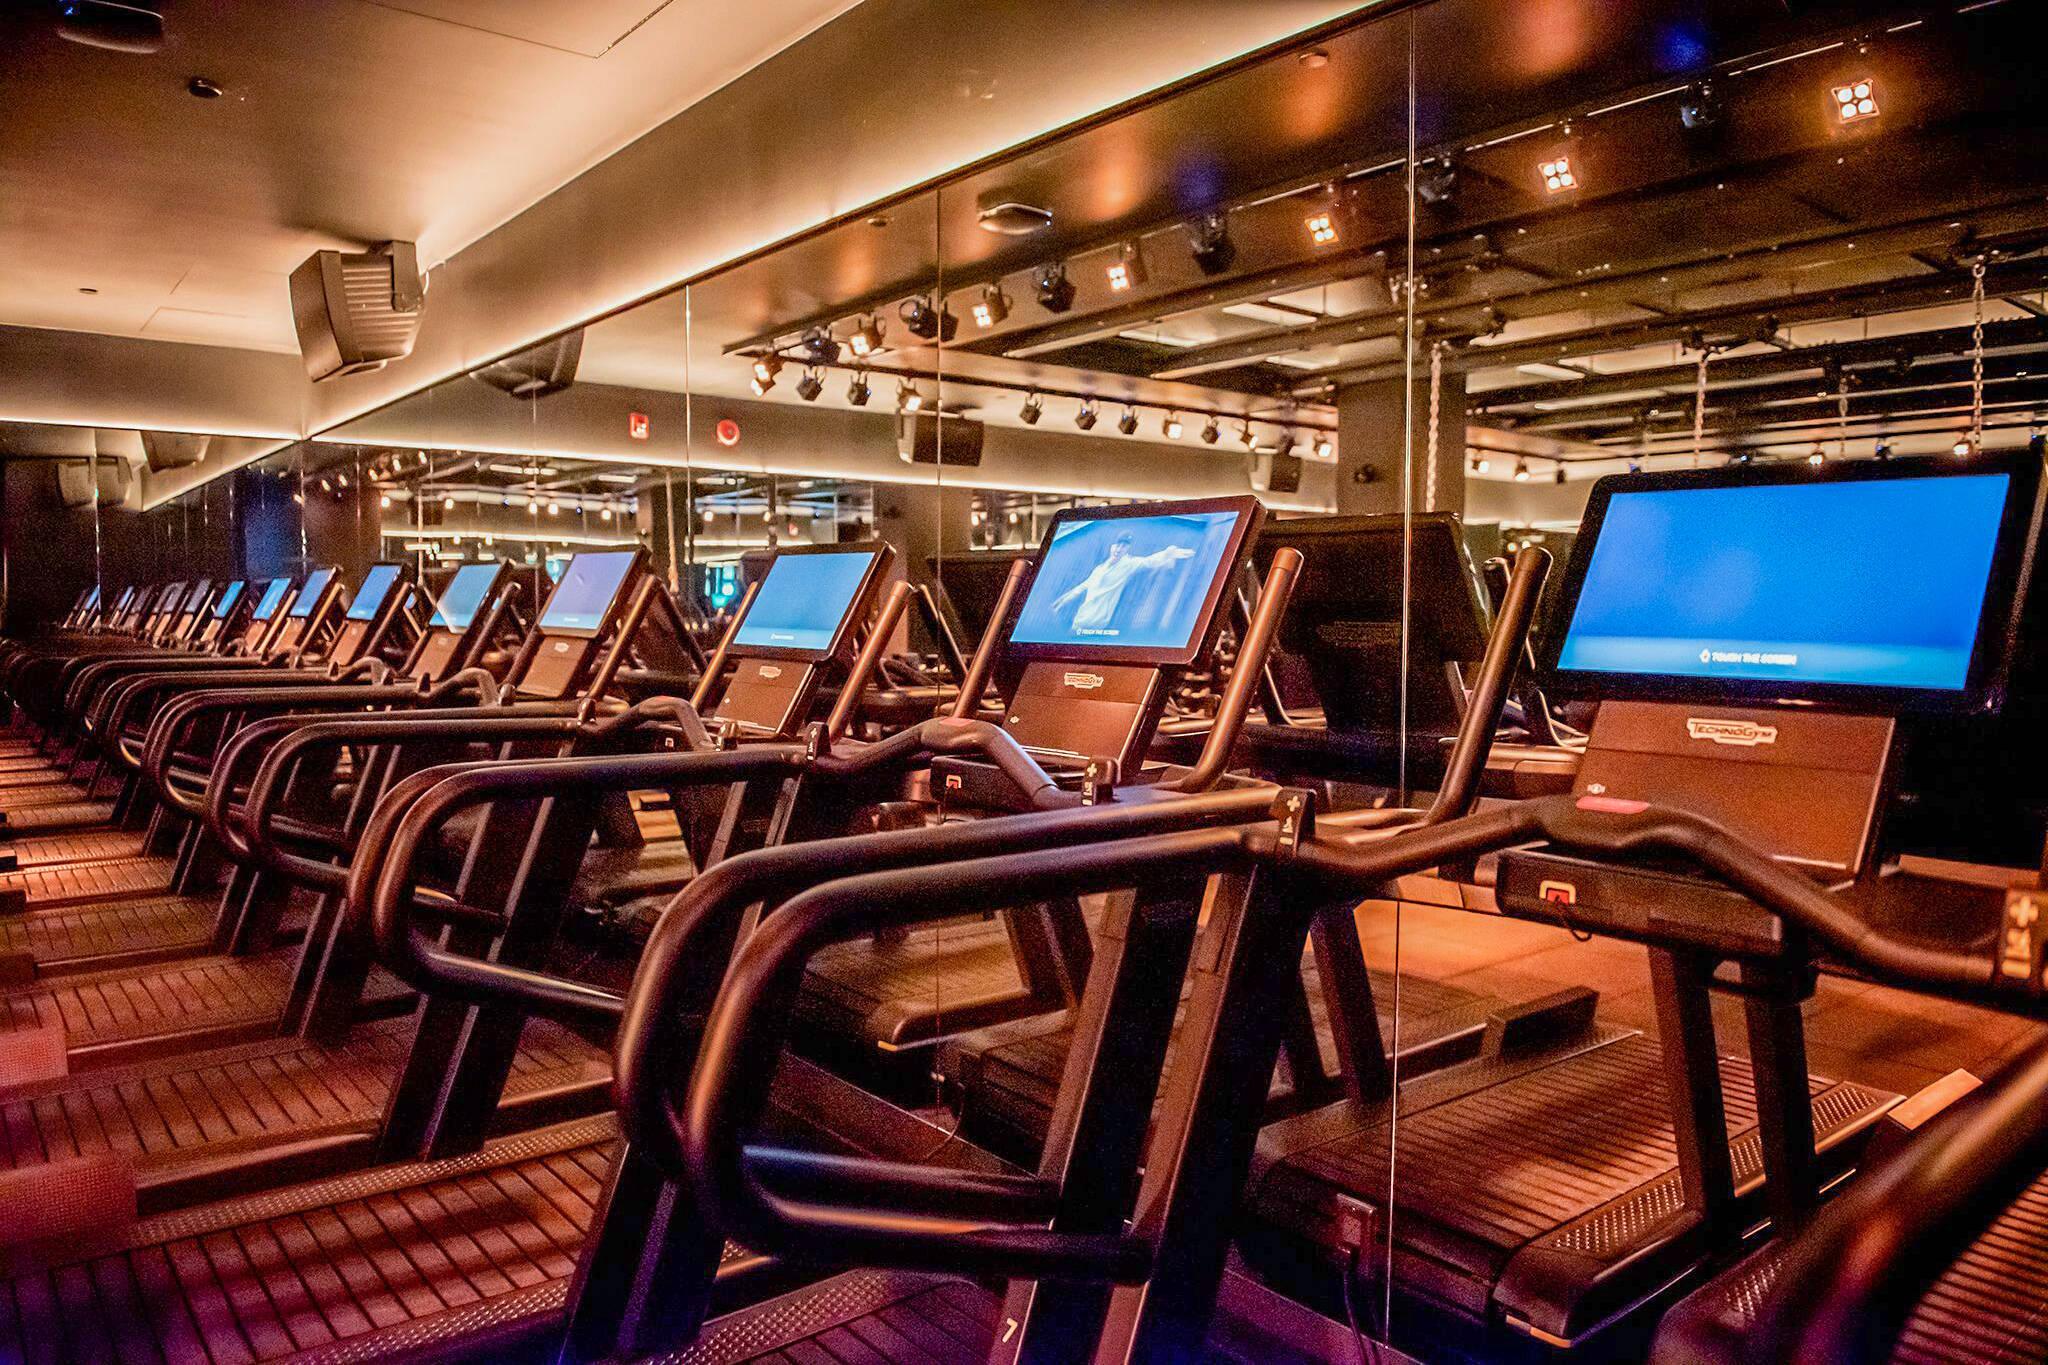 gyms reopening toronto